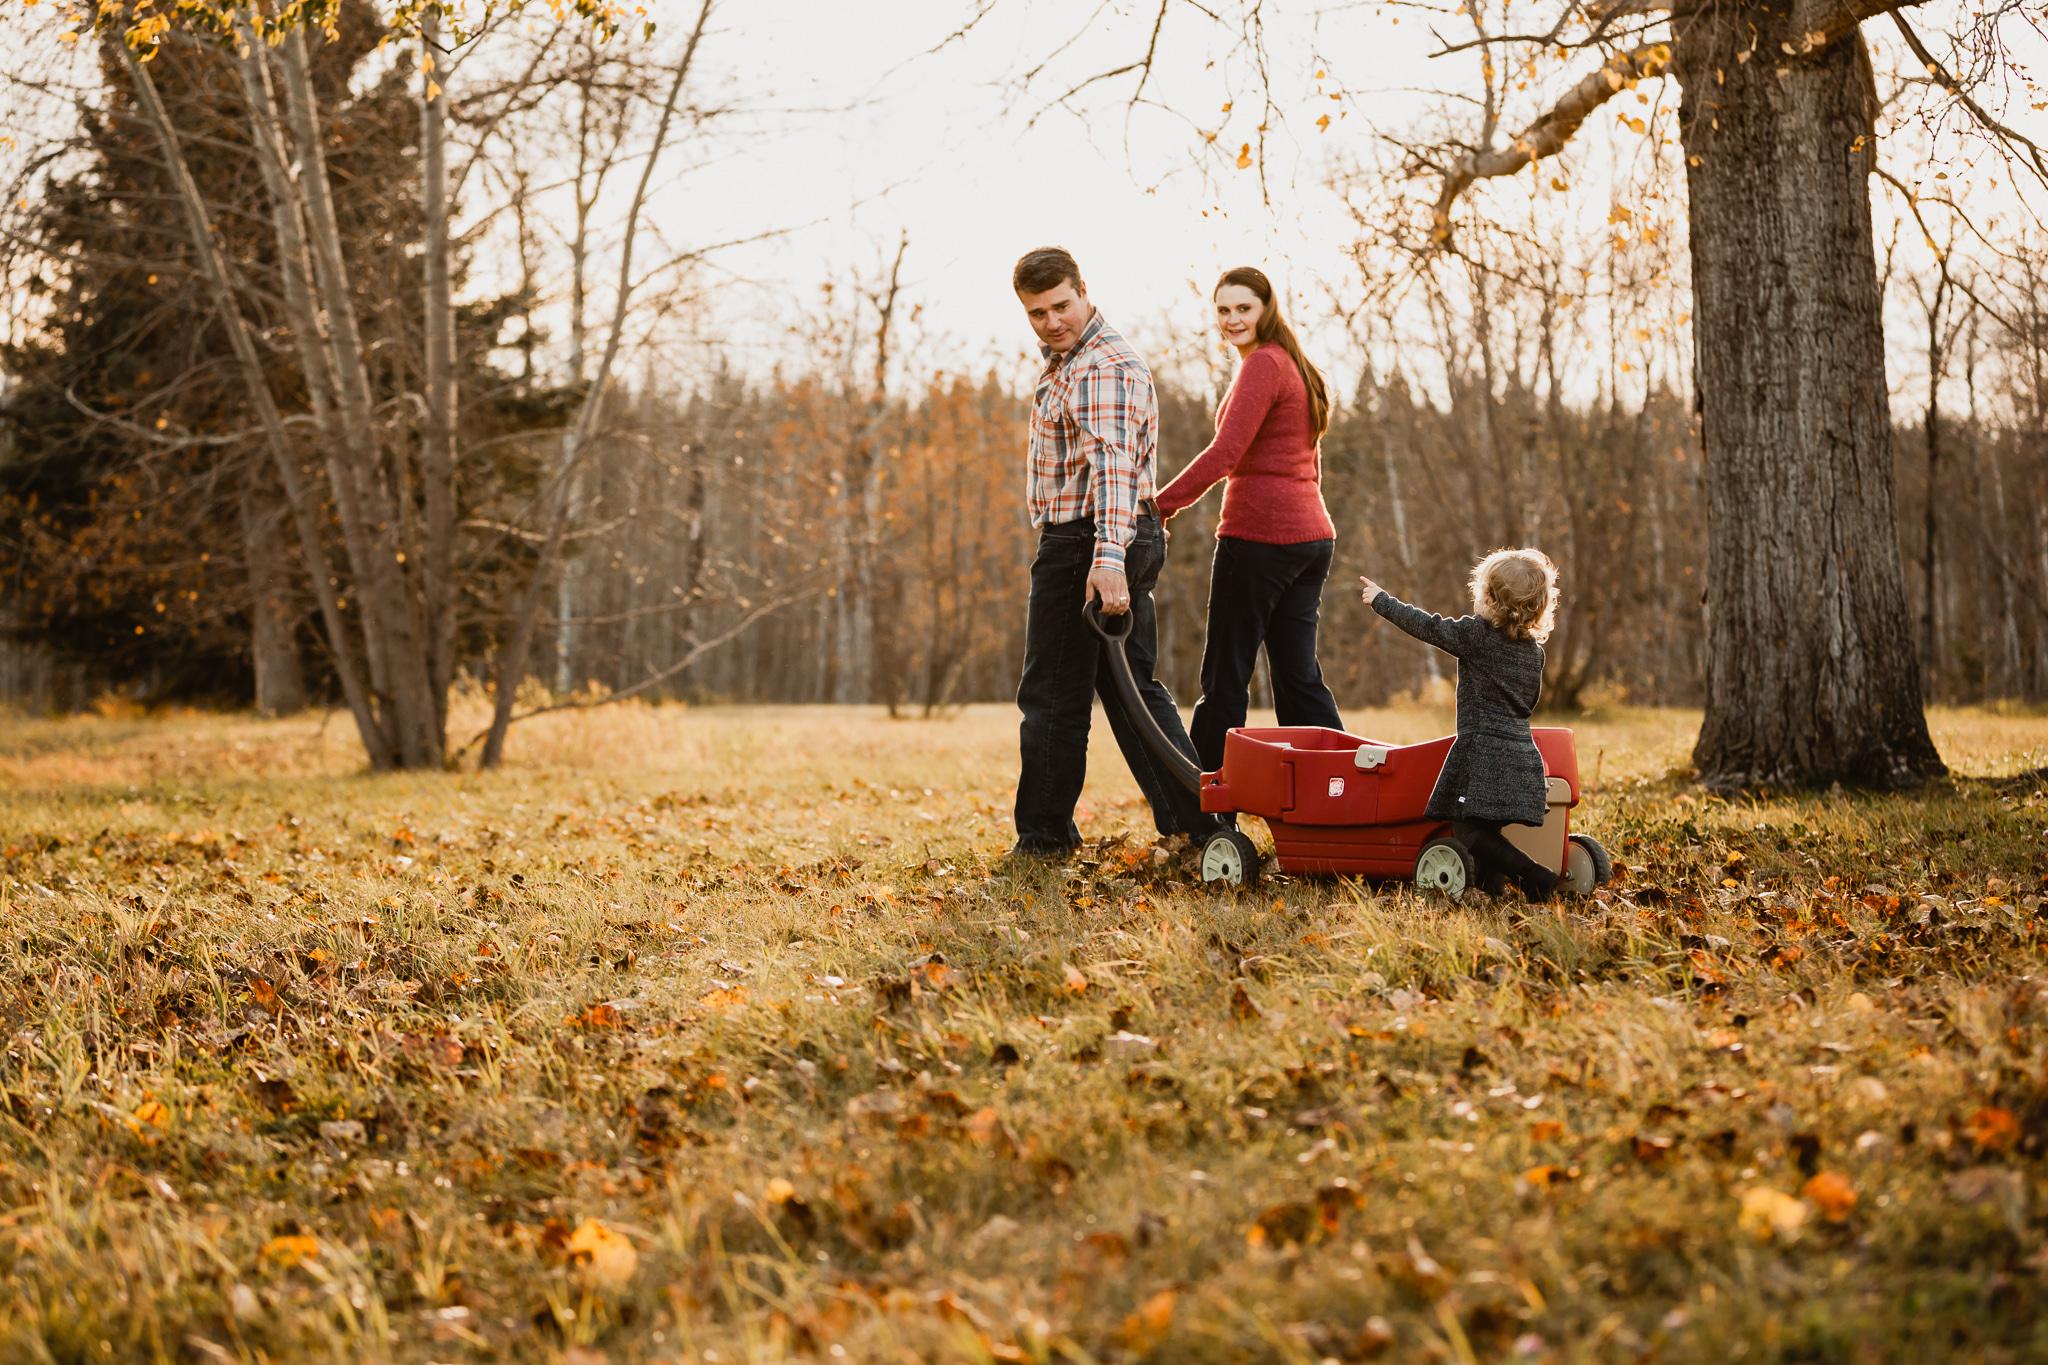 Alina-Joy-Photography-Cold-Lake-Lifestyle-Photographer-6.jpg